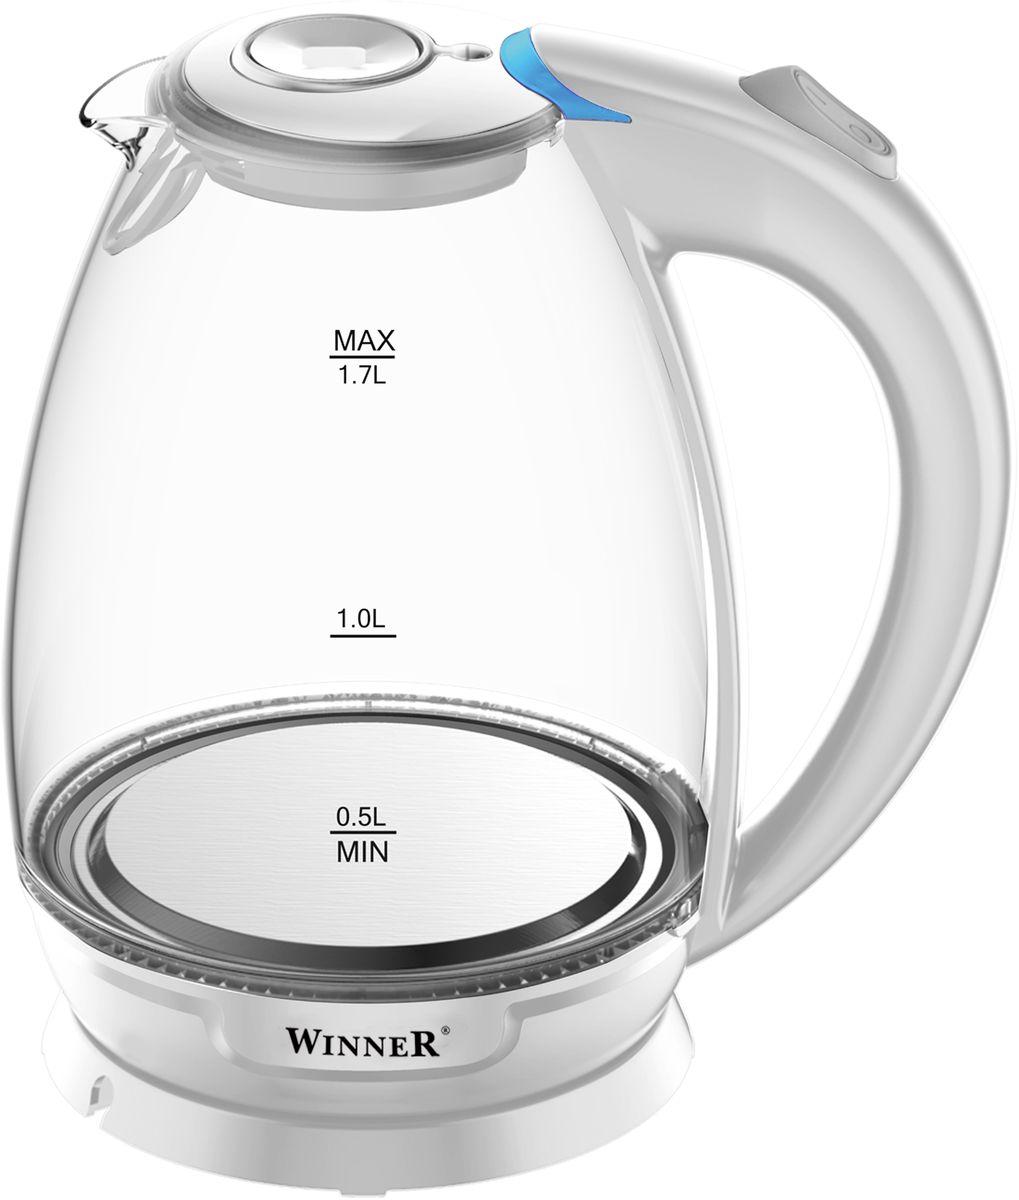 Winner Electronics WR-102 электрический чайникWR-102Электрический чайник Winner Electronics WR-102 выполнен из высококачественных материалов (стекло и пластик). Скрытый нагревательный элемент из нержавеющей стали обеспечивает быстрое закипание и долговечность. Удобный индикатор уровня воды помогает контролировать максимальное заполнение, текущий уровень и минимальный остаток.